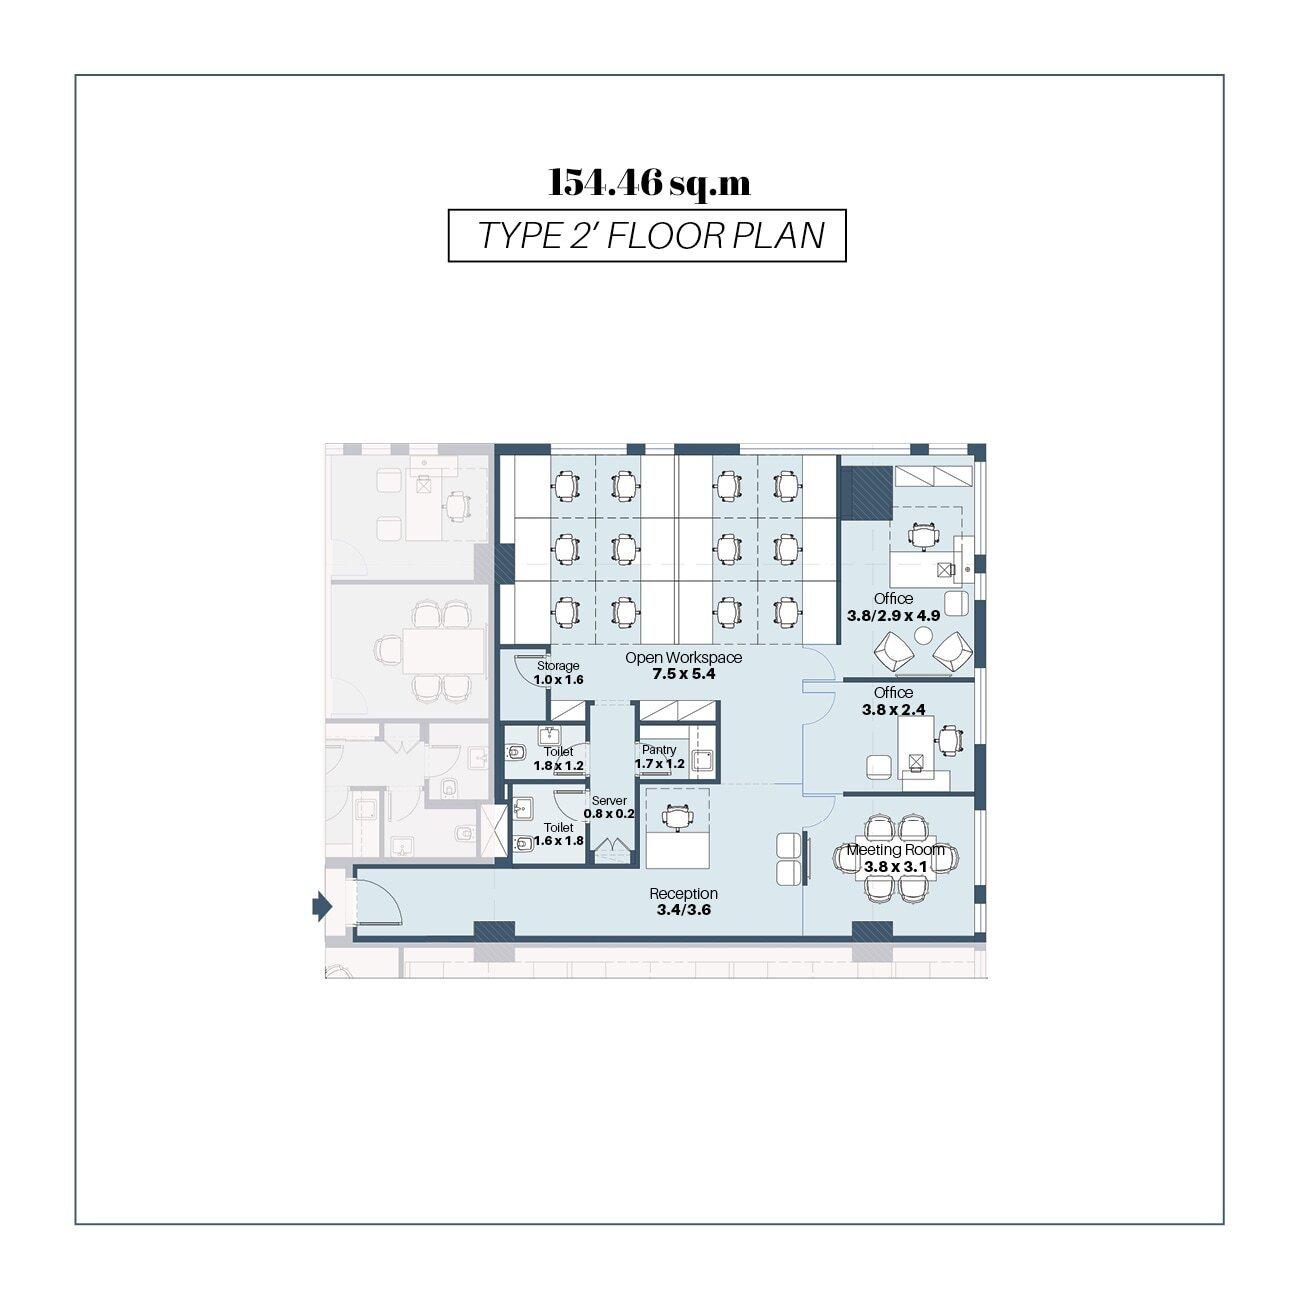 ezgif.com-gif-maker (3)